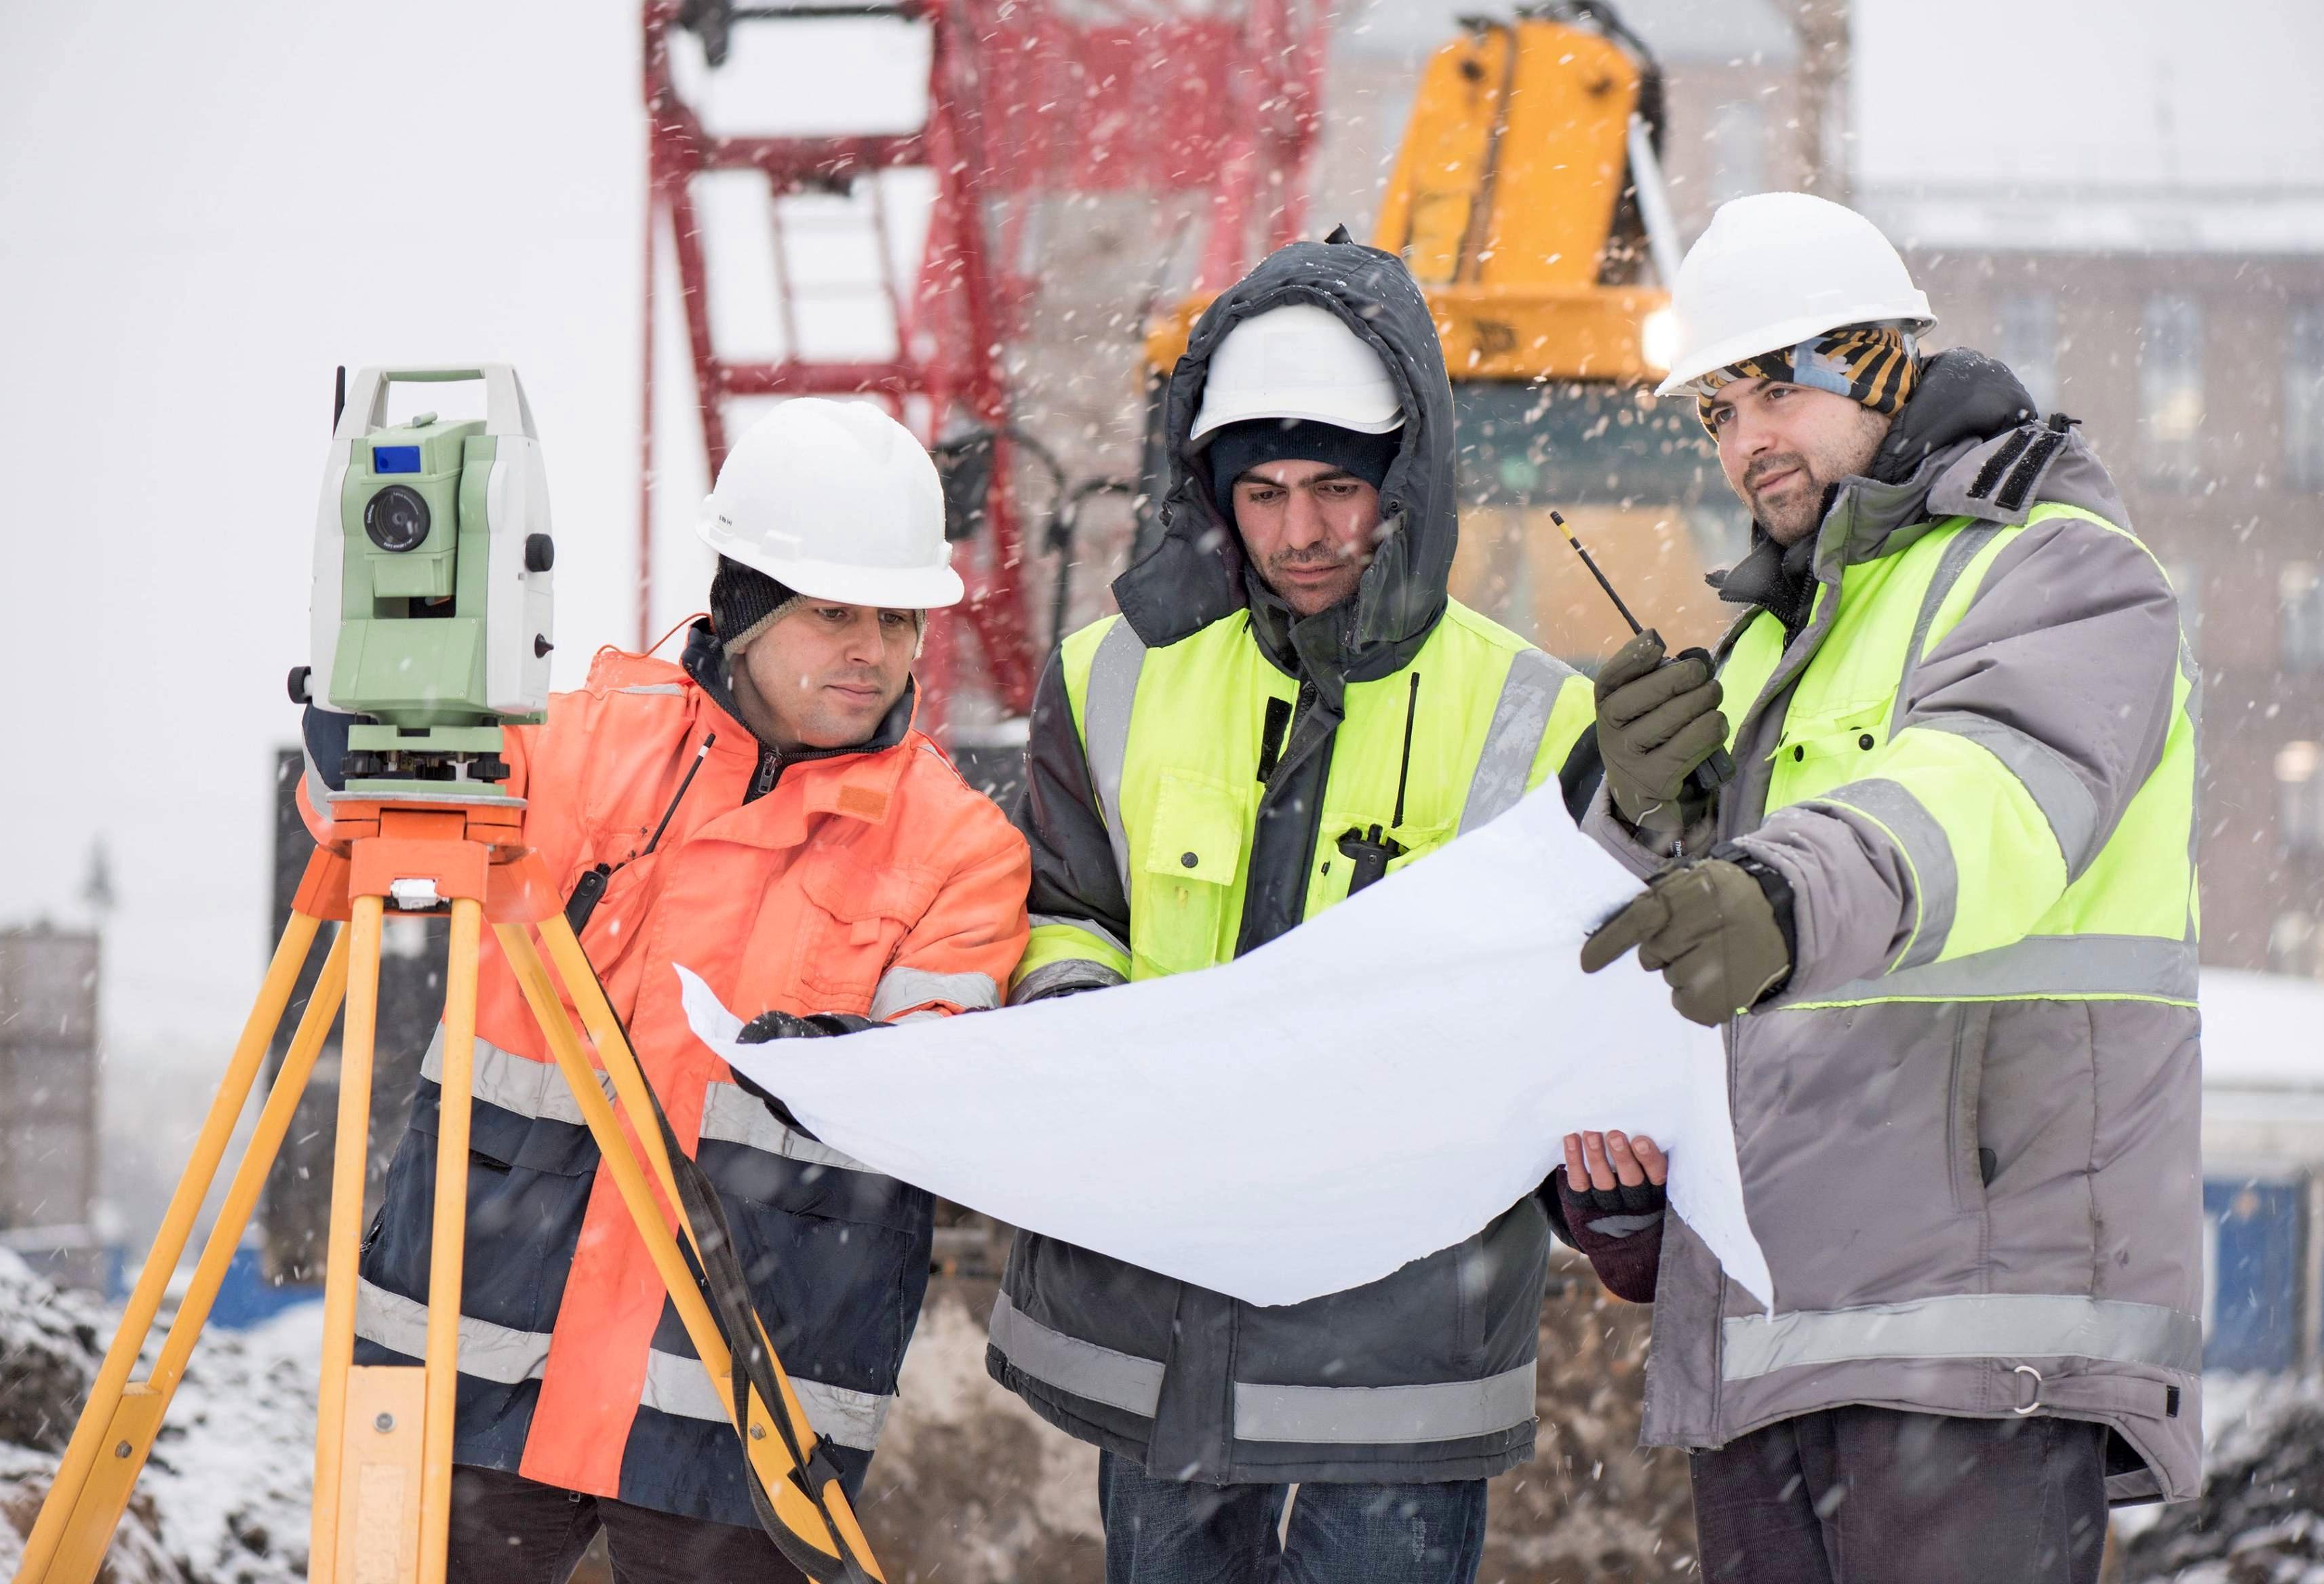 In einem Bautagebuch können in der Übergangszeit die Außenluft- und Raumtemperatur sowie die relative Luftfeuchtigkeit innen dokumentiert werden, empfiehlt der VPB. Foto: ilkercelik/stock.adobe.com